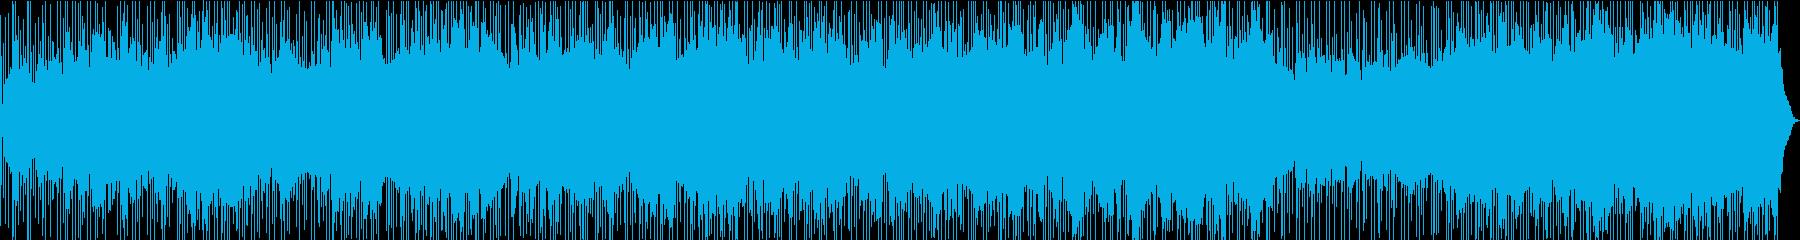 シーケンス 電子ビート01の再生済みの波形